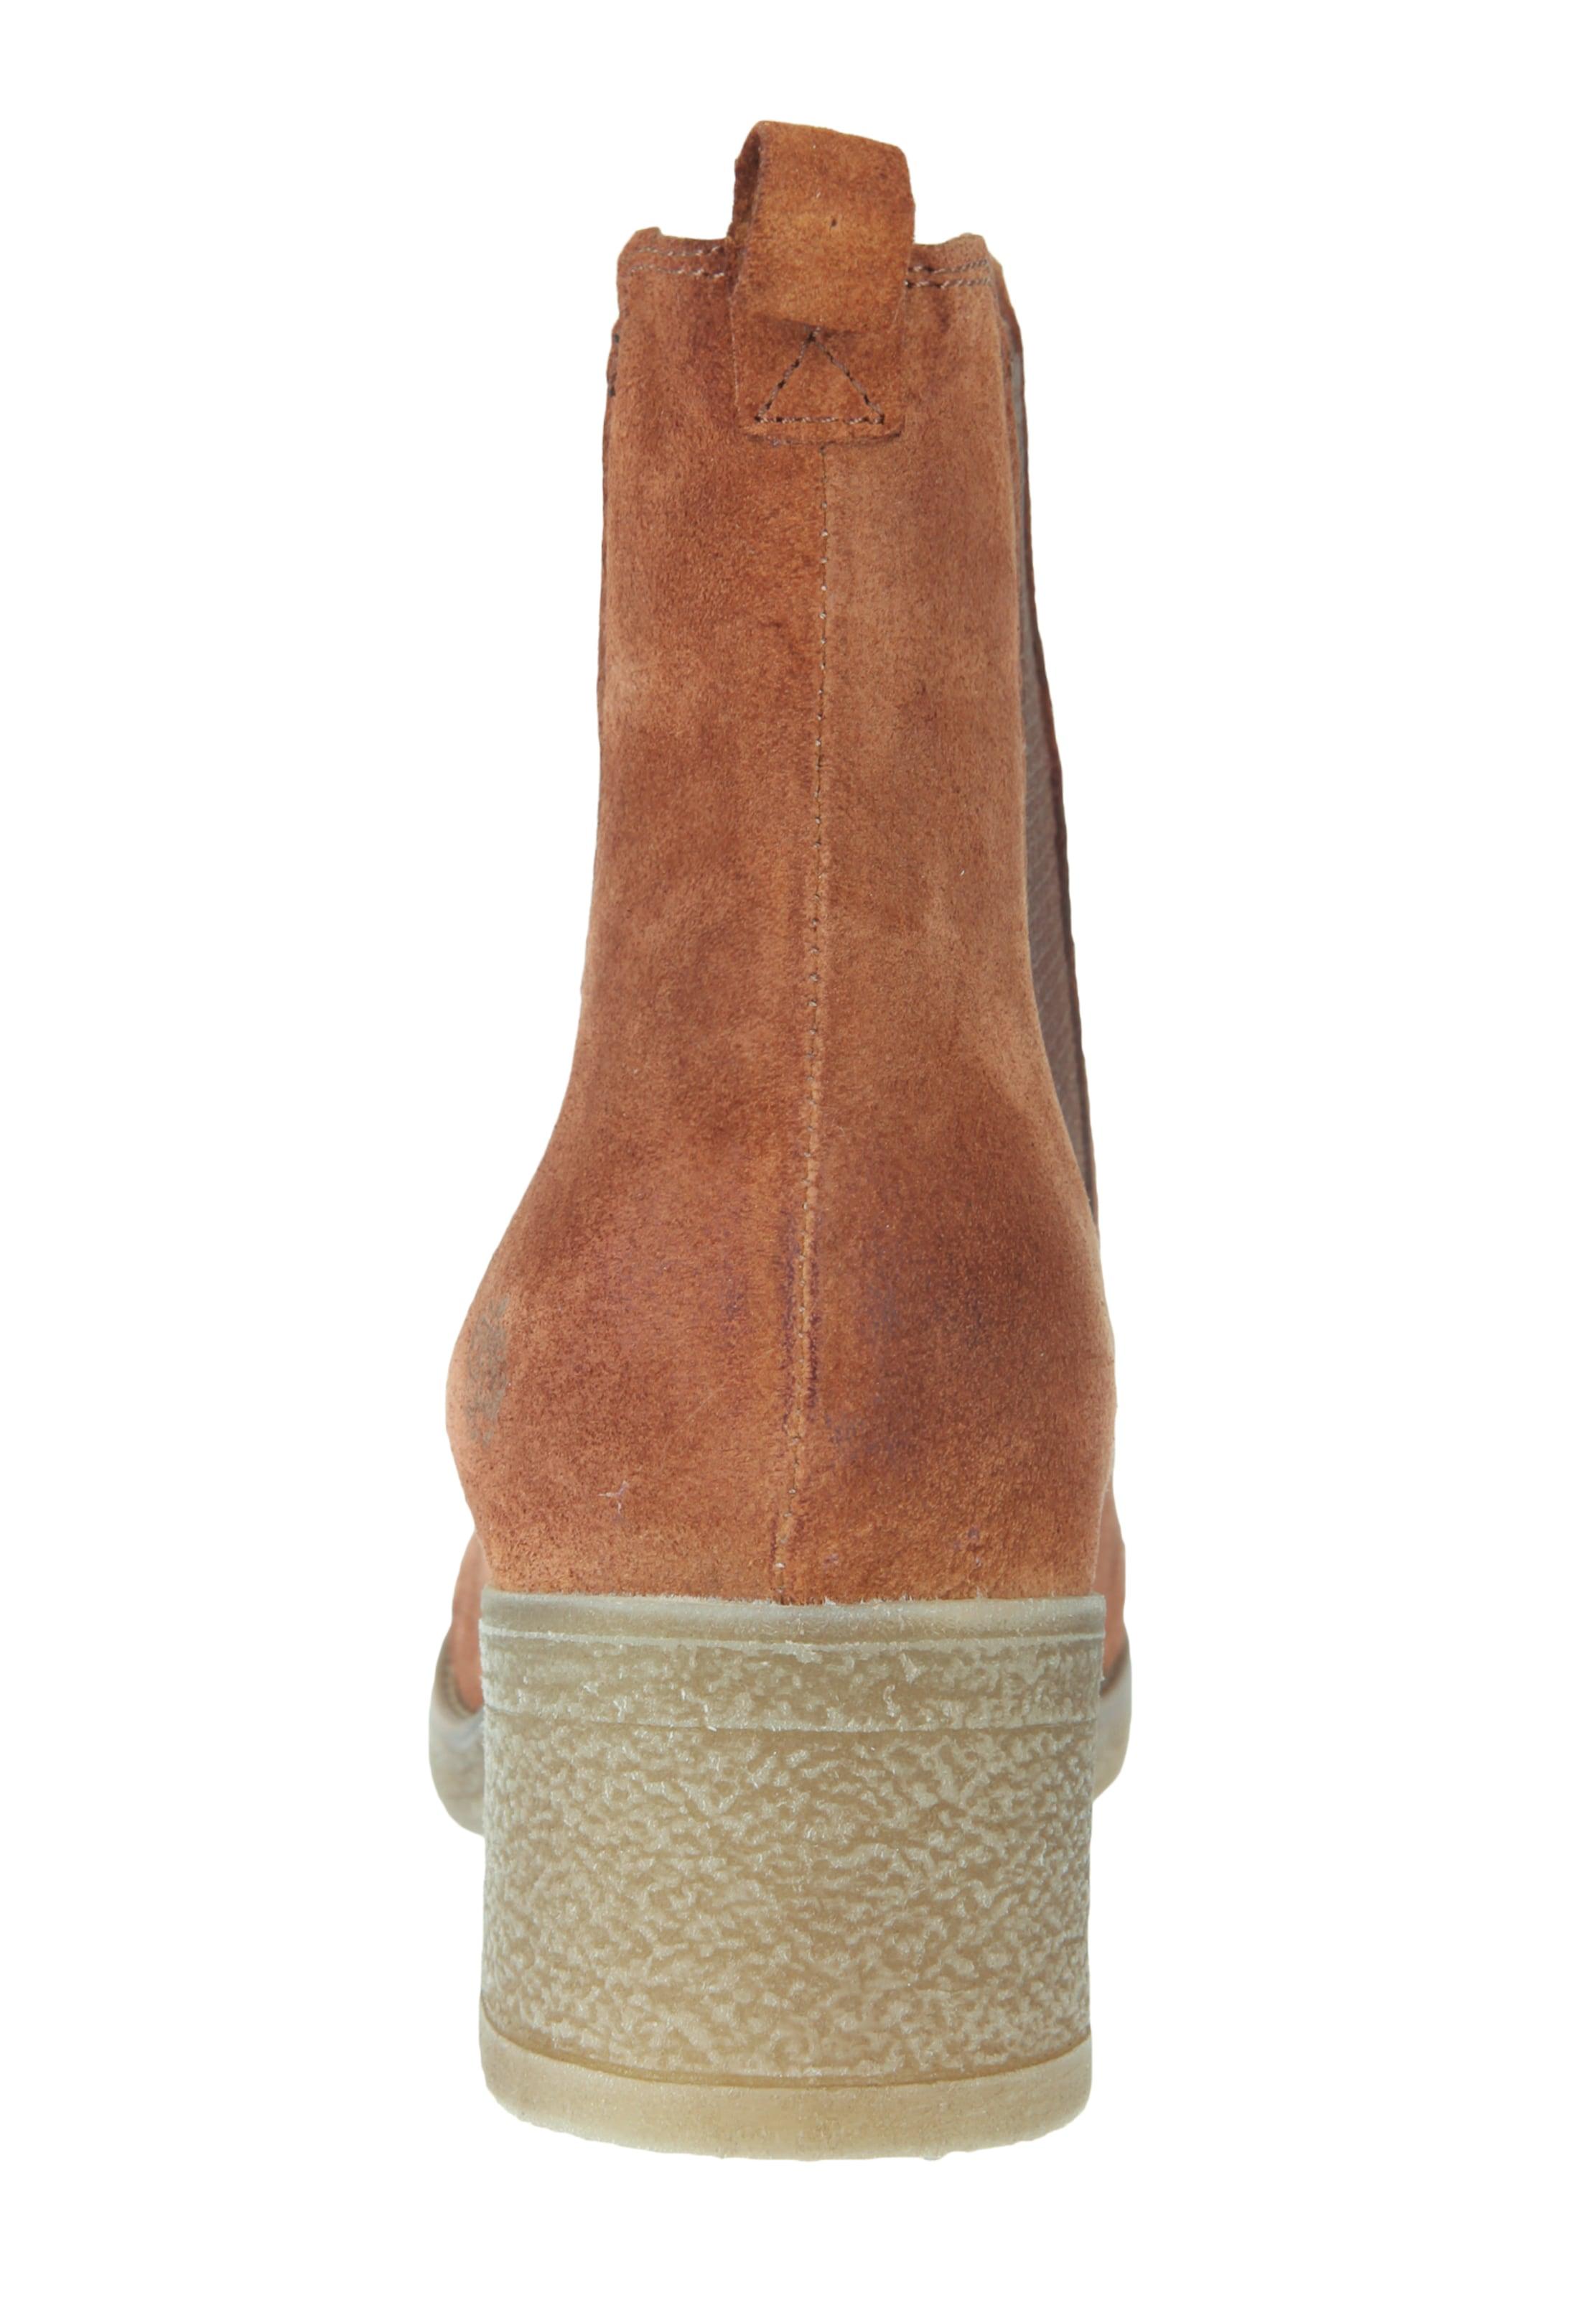 Apple Chelsea Braun Boot 'zora' In Eden Of zUVqSMp